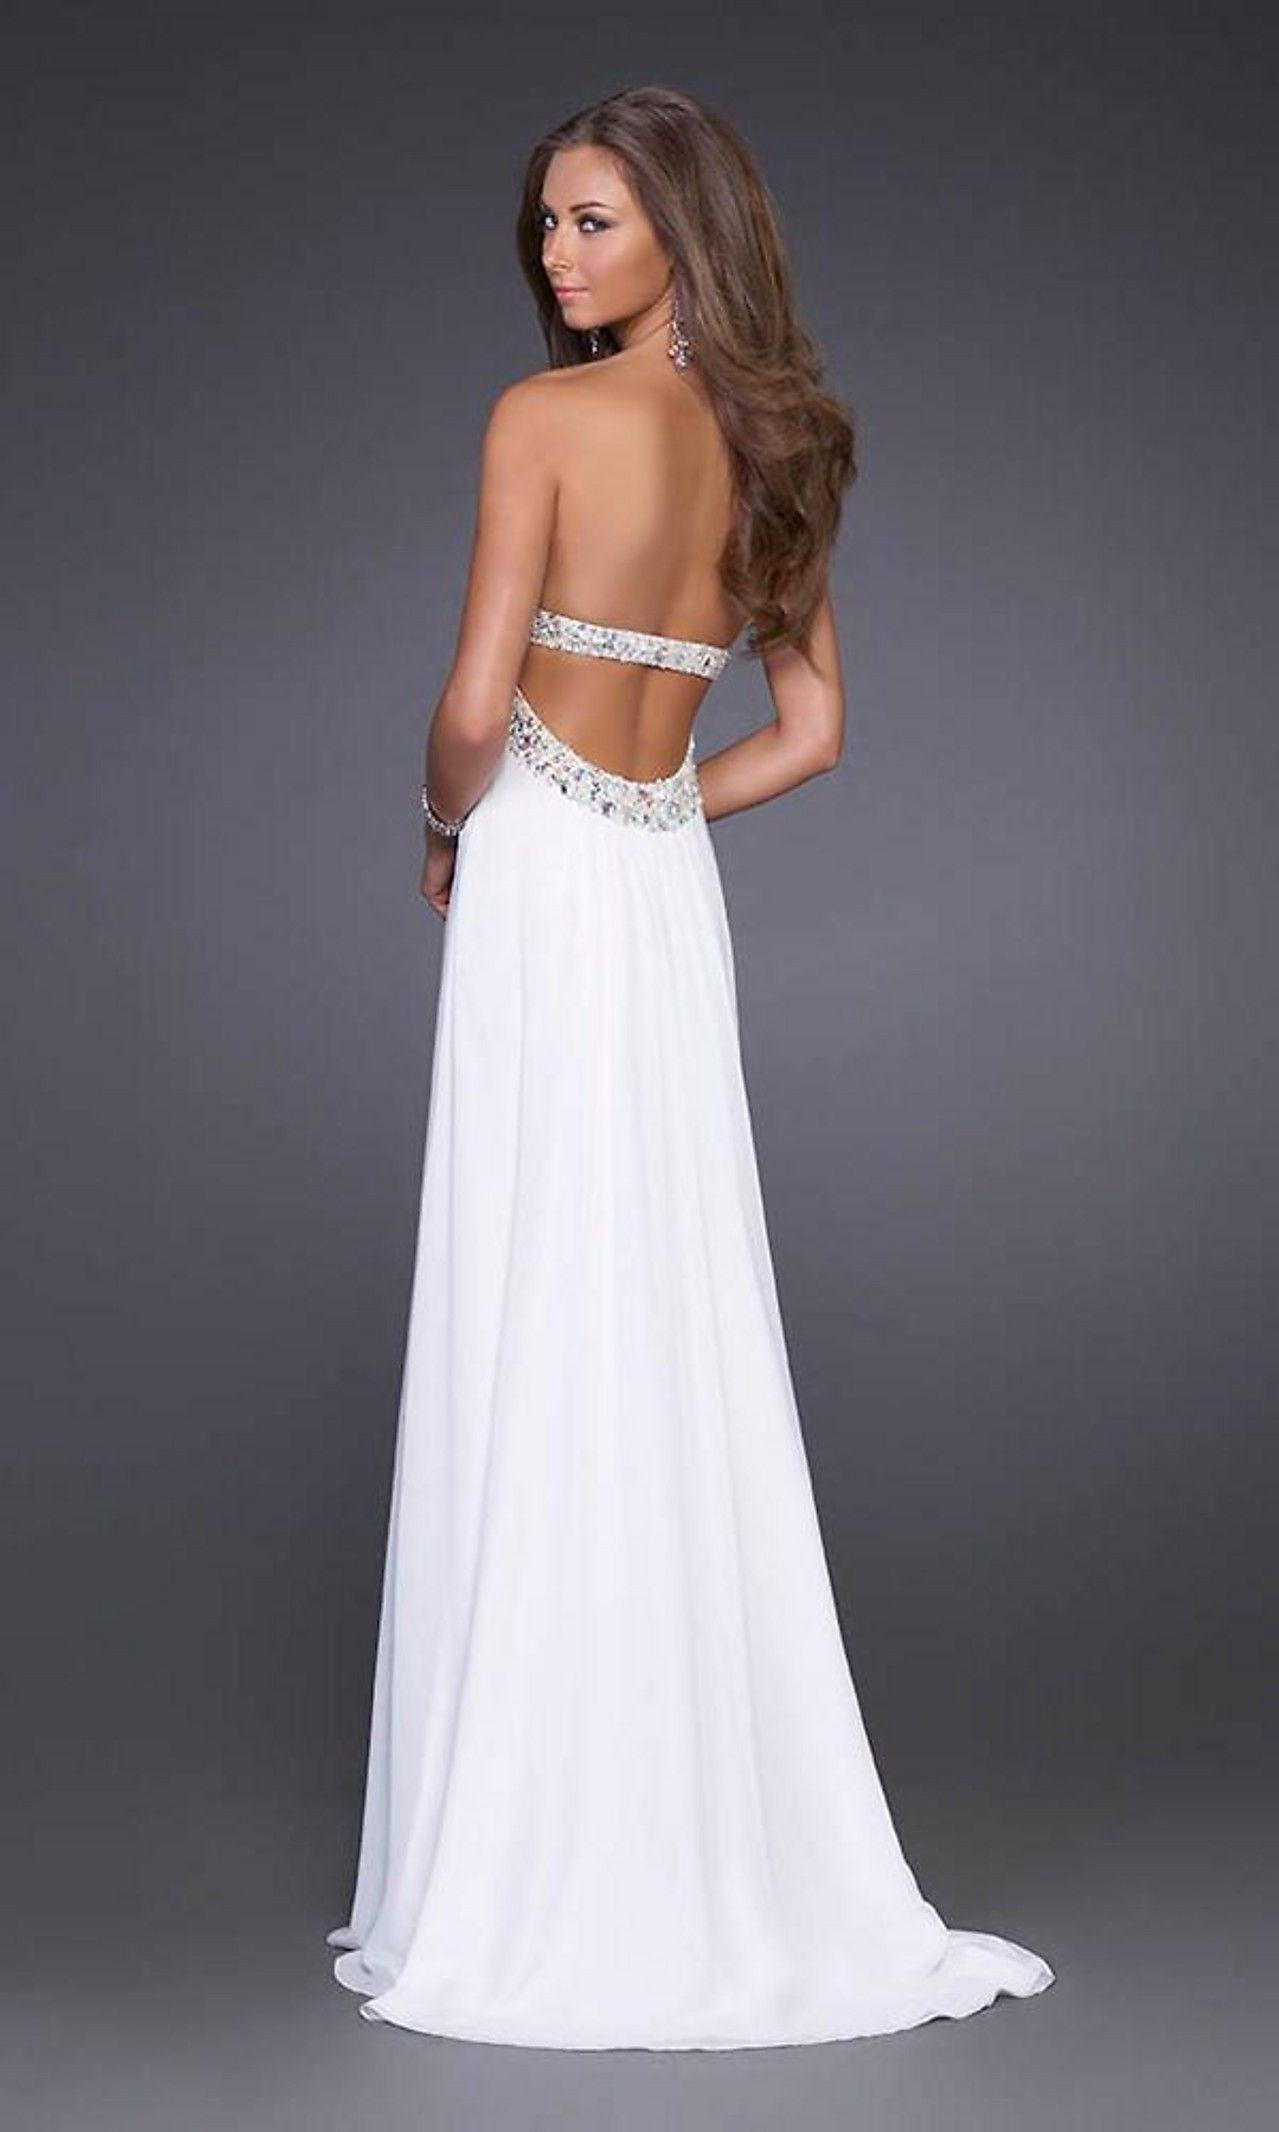 13 Schön Weiße Kleider Lang Bester Preis13 Schön Weiße Kleider Lang Stylish